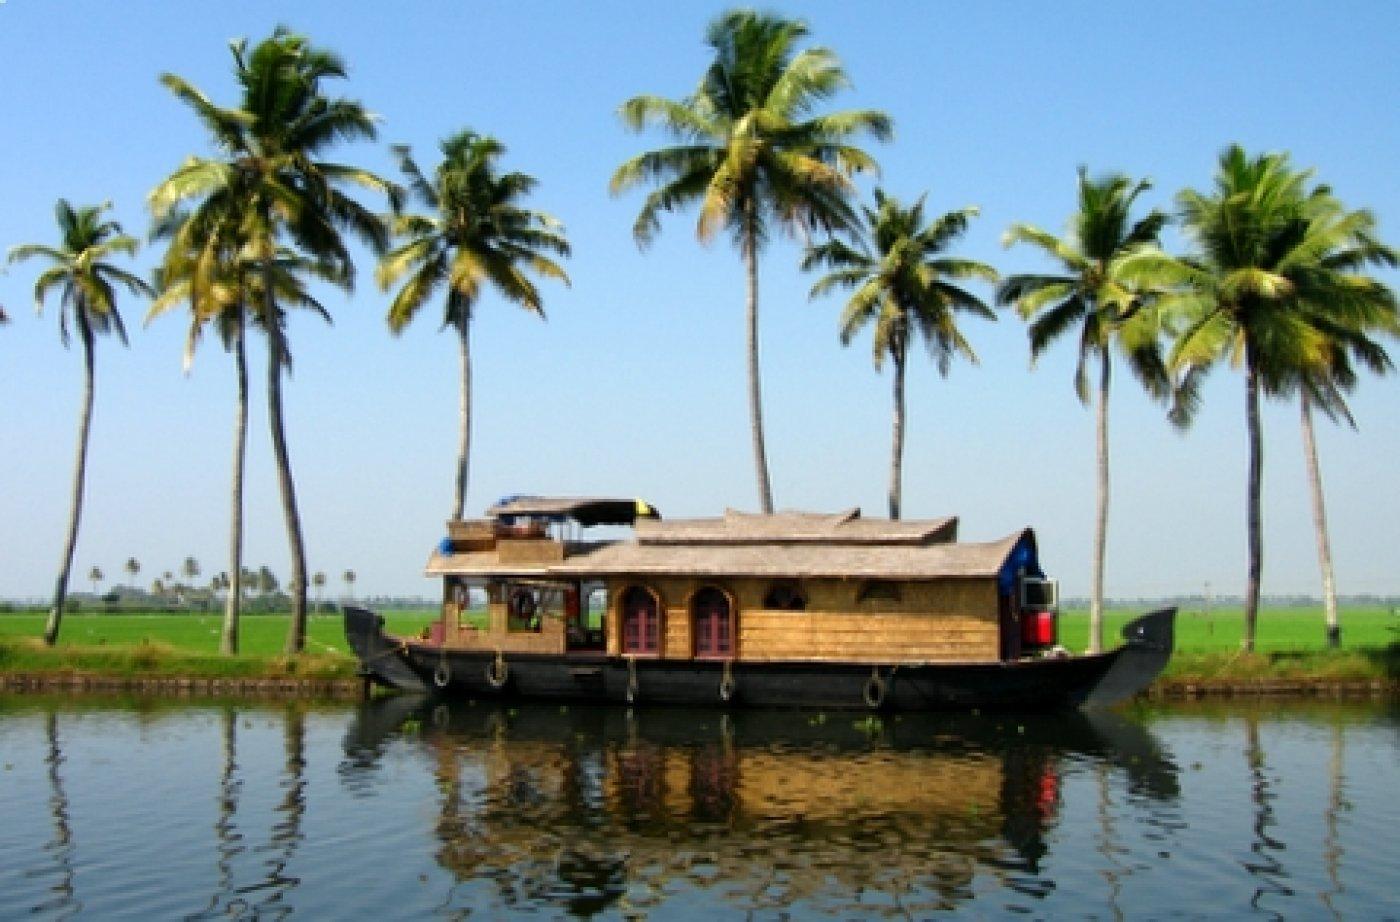 Kerala Boat House - Navbharat Tours